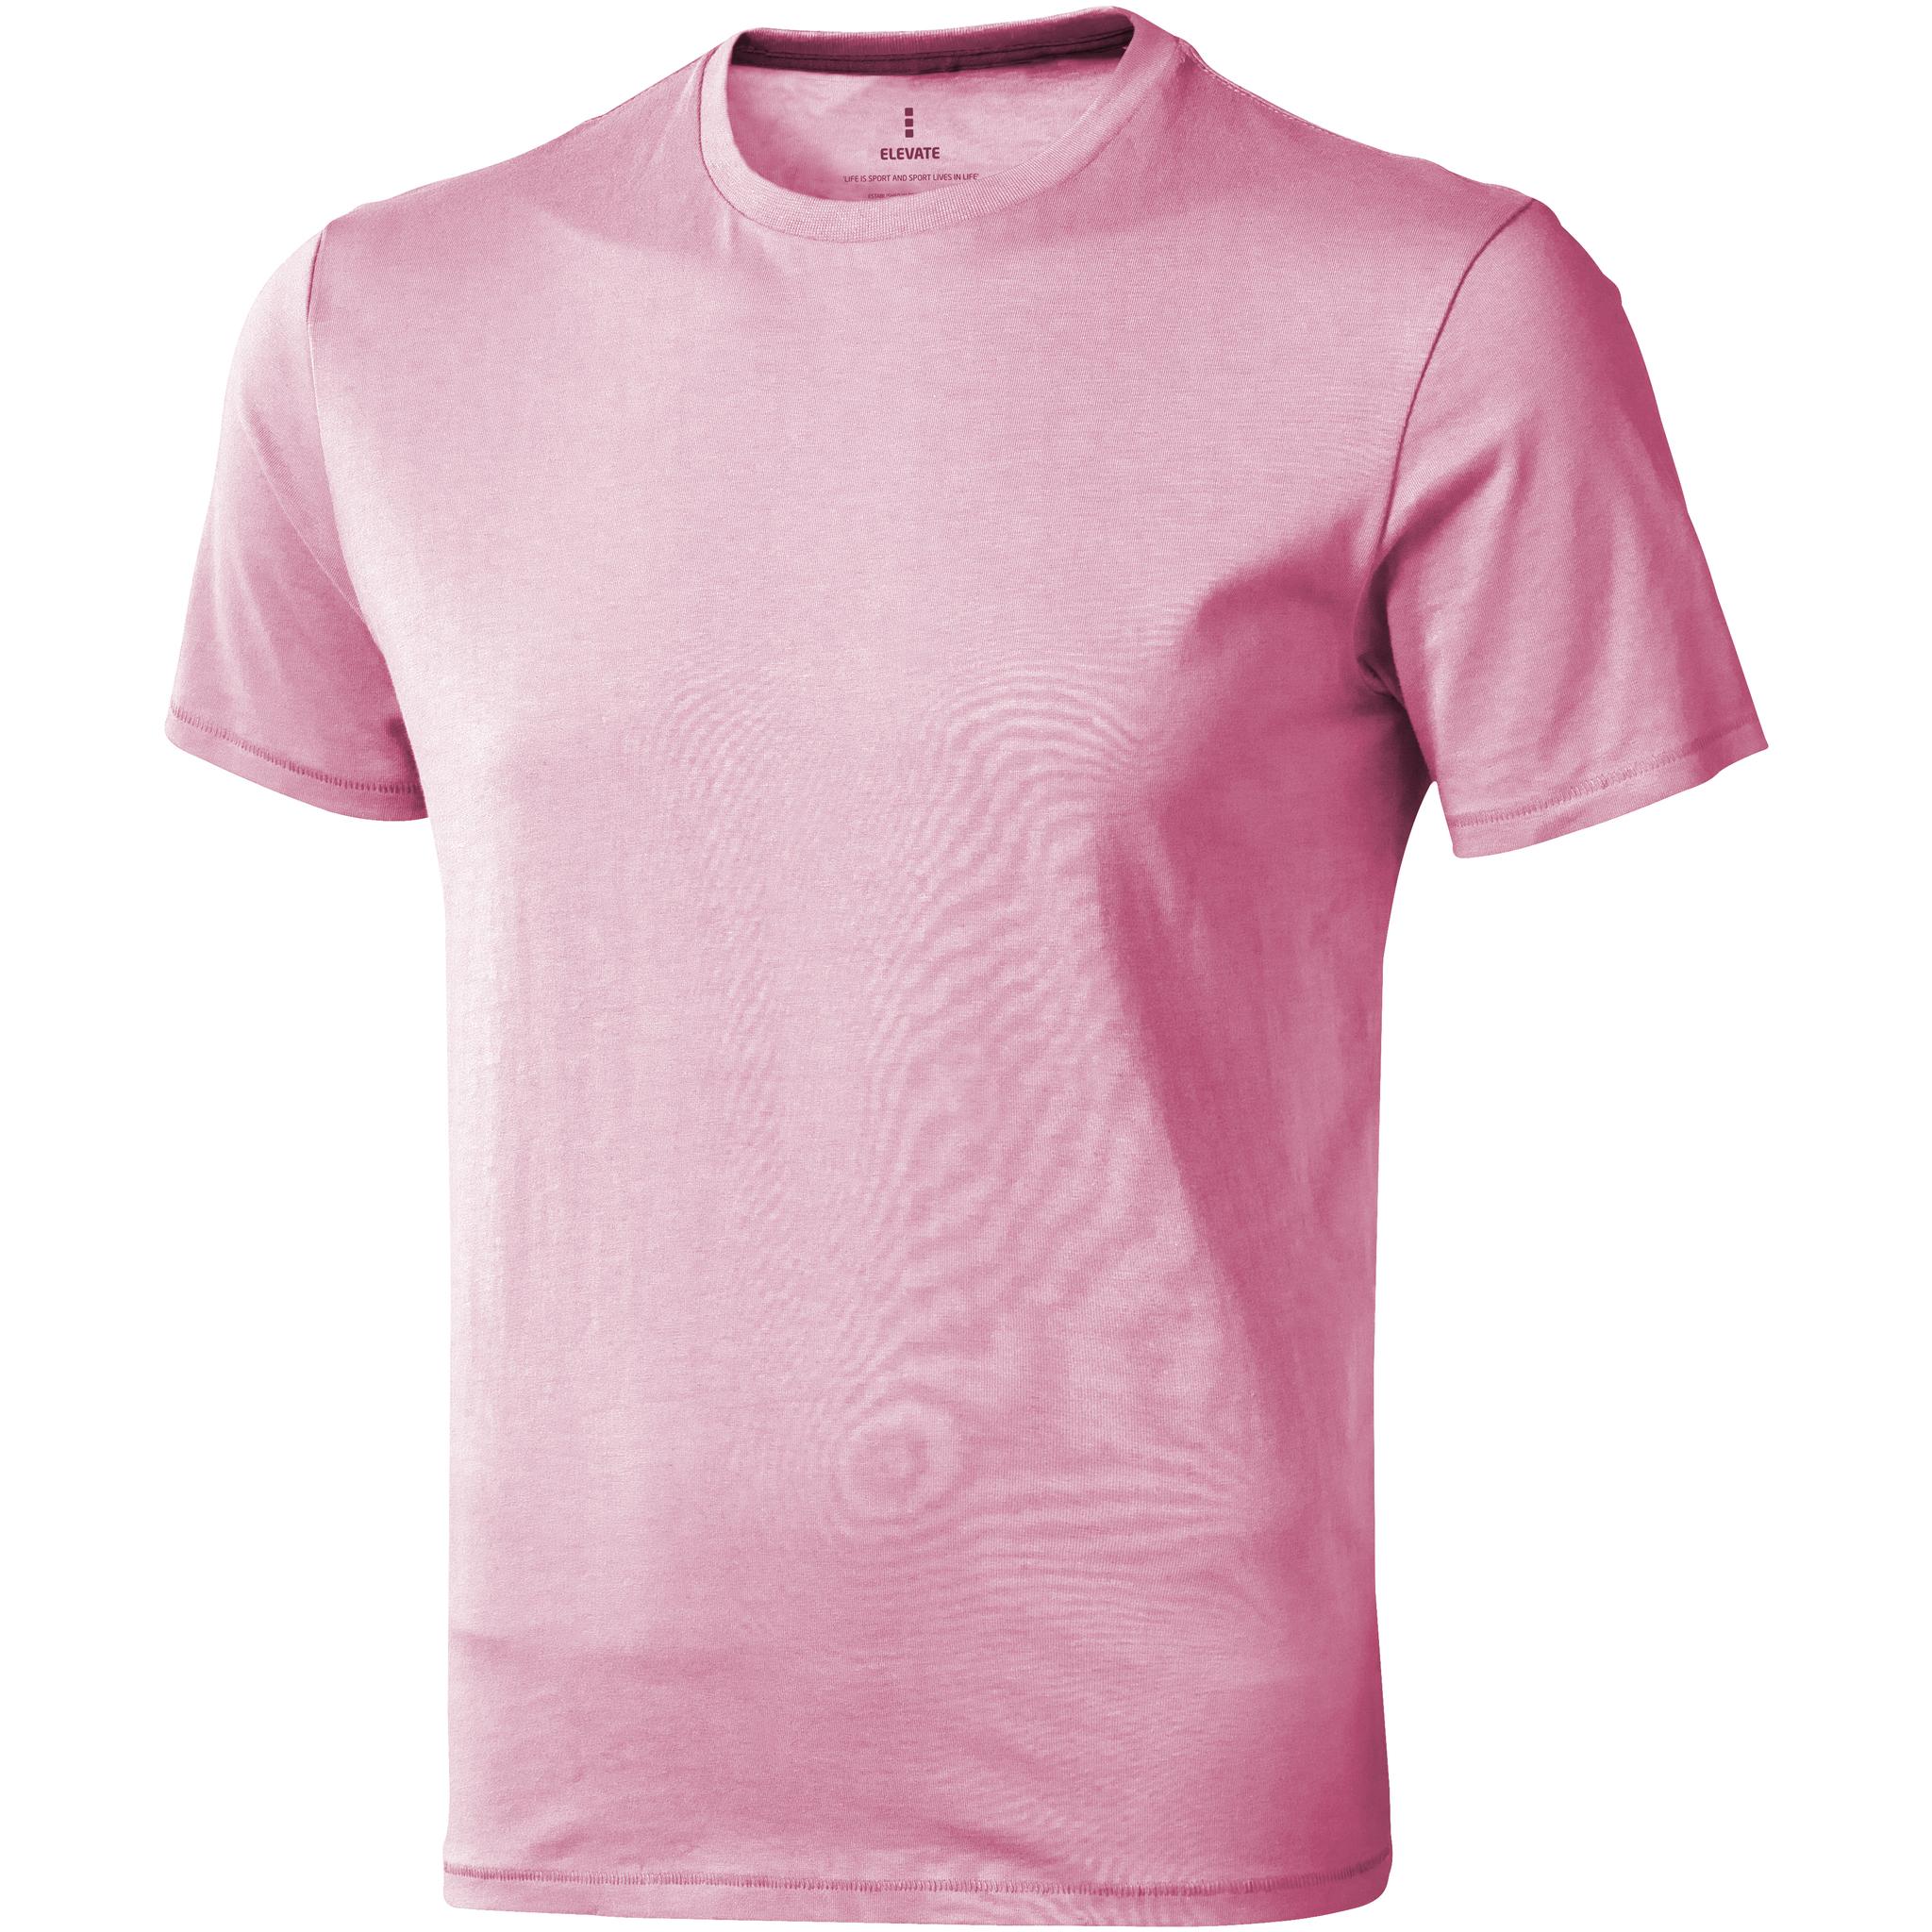 Elevate-Mens-Nanaimo-Short-Sleeve-T-Shirt-PF1807 thumbnail 7